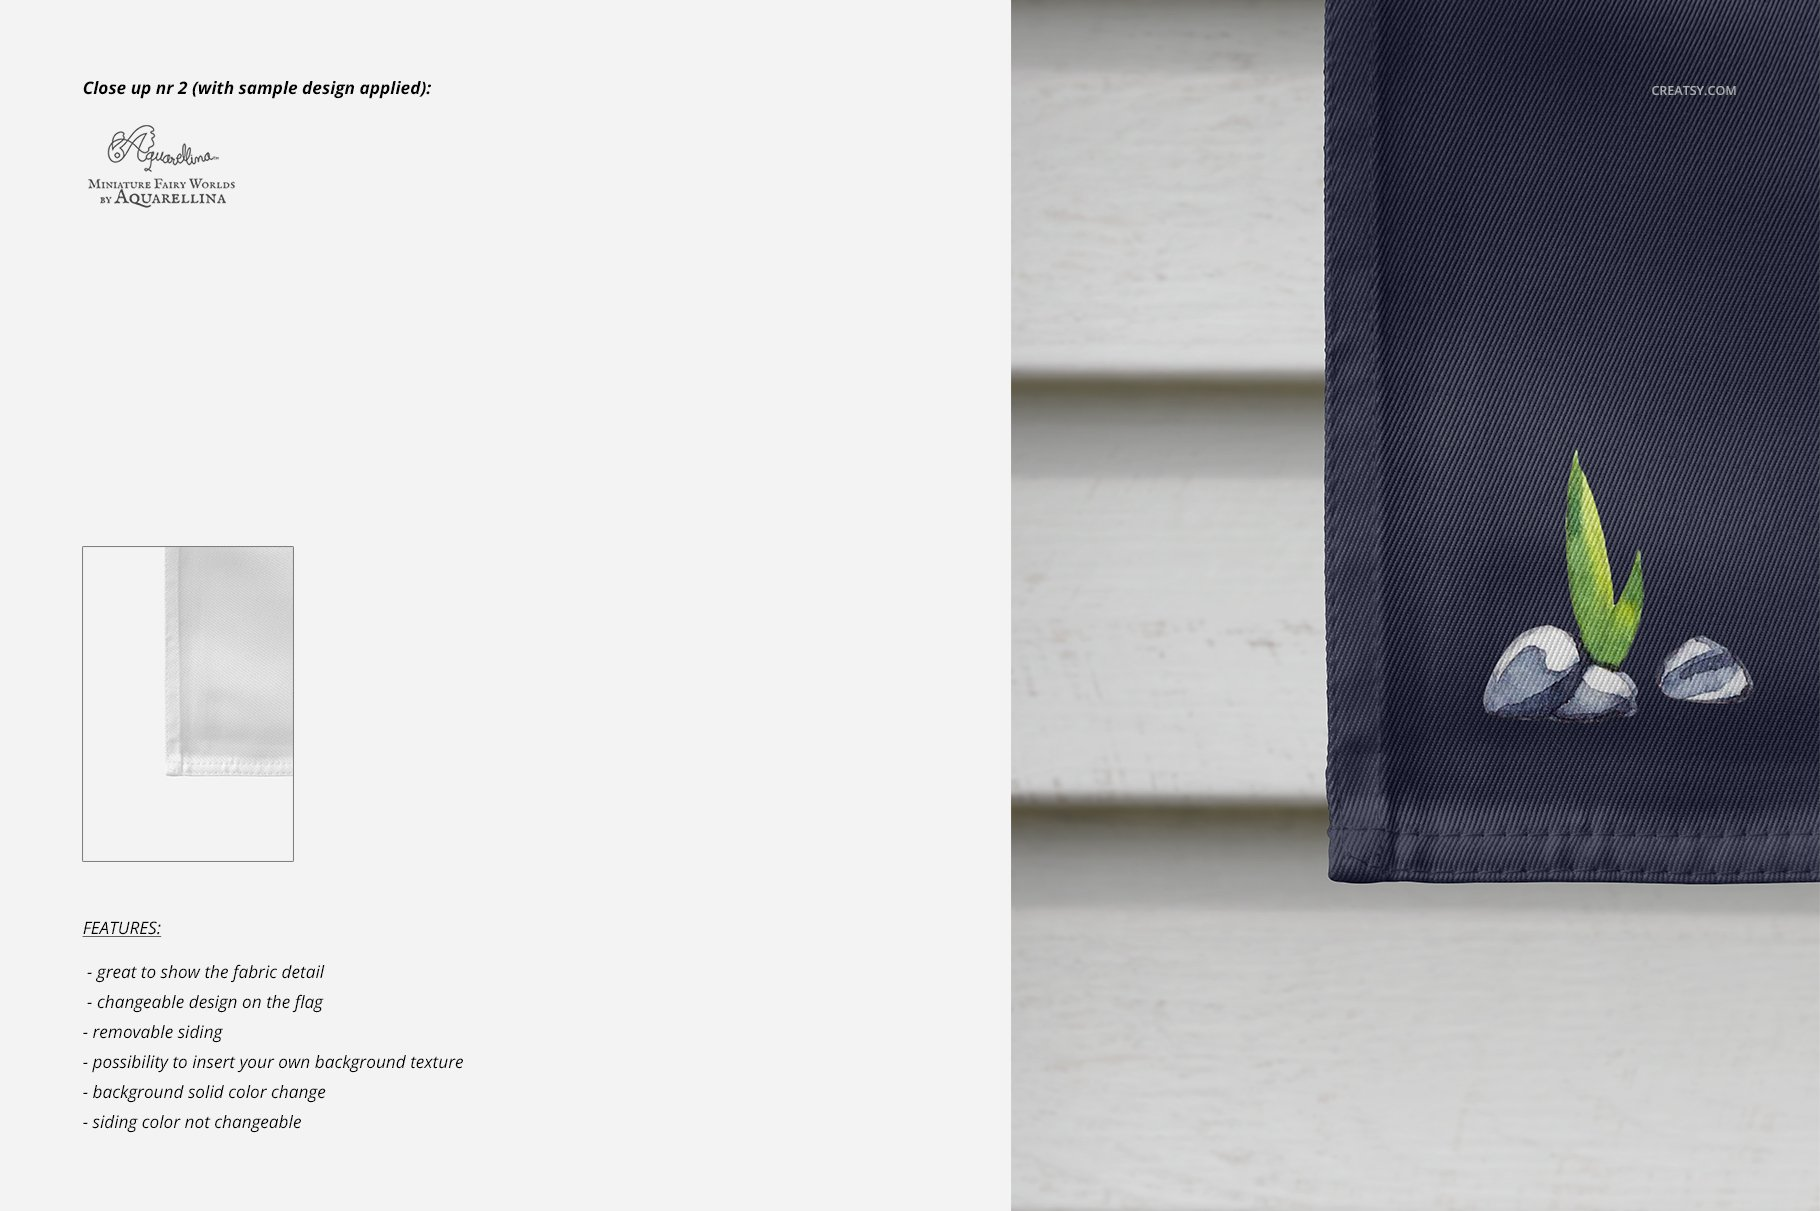 房屋悬挂旗帜设计展示图样机模板合集 Large House Flag Mockup Set插图(6)